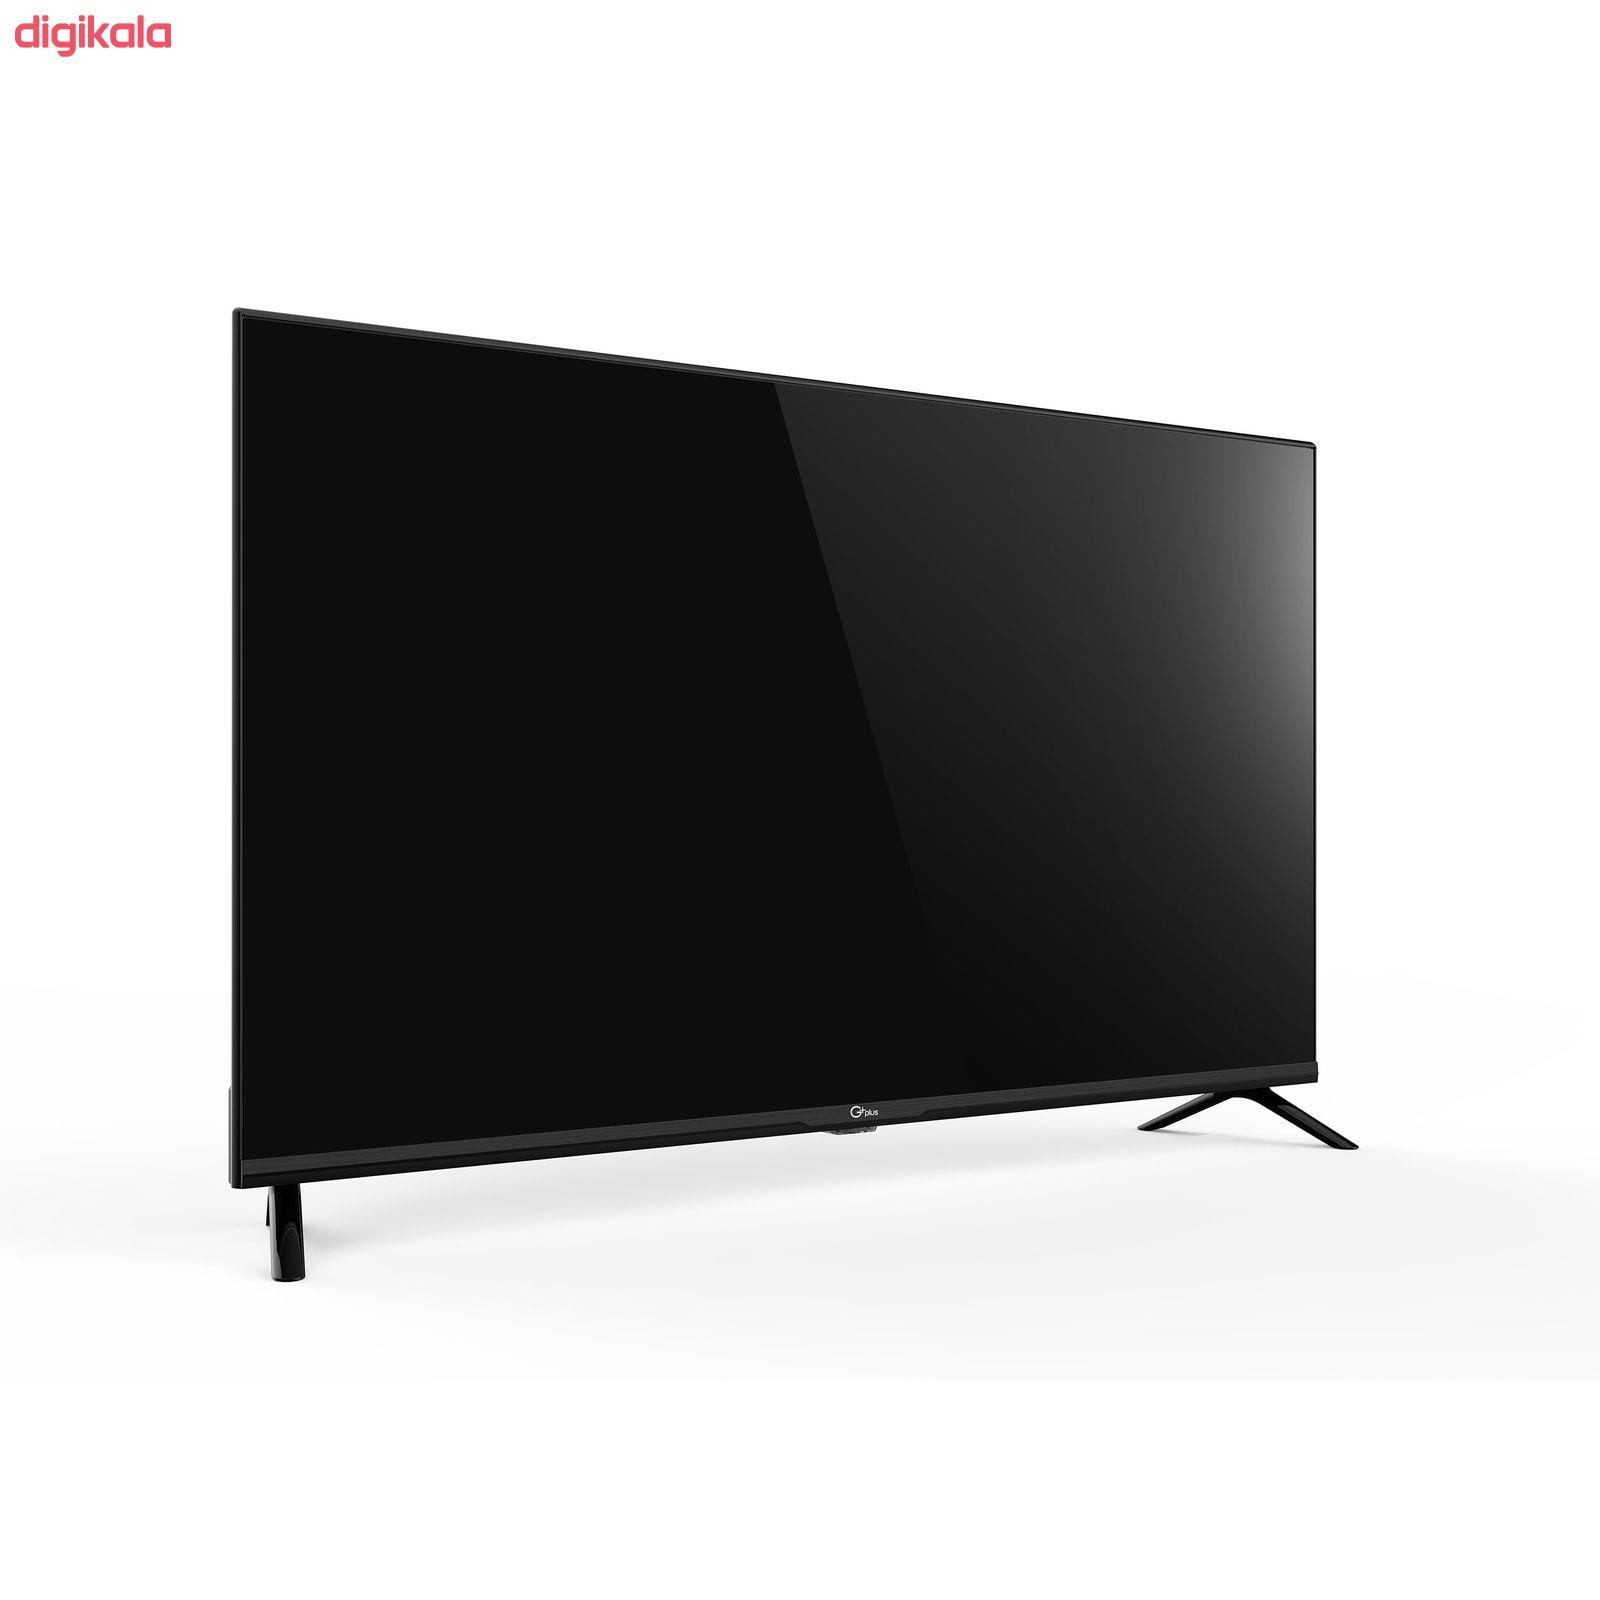 تلویزیون ال ای دی هوشمند جی پلاس مدل GTV-40LH612N سایز 40 اینچ main 1 2